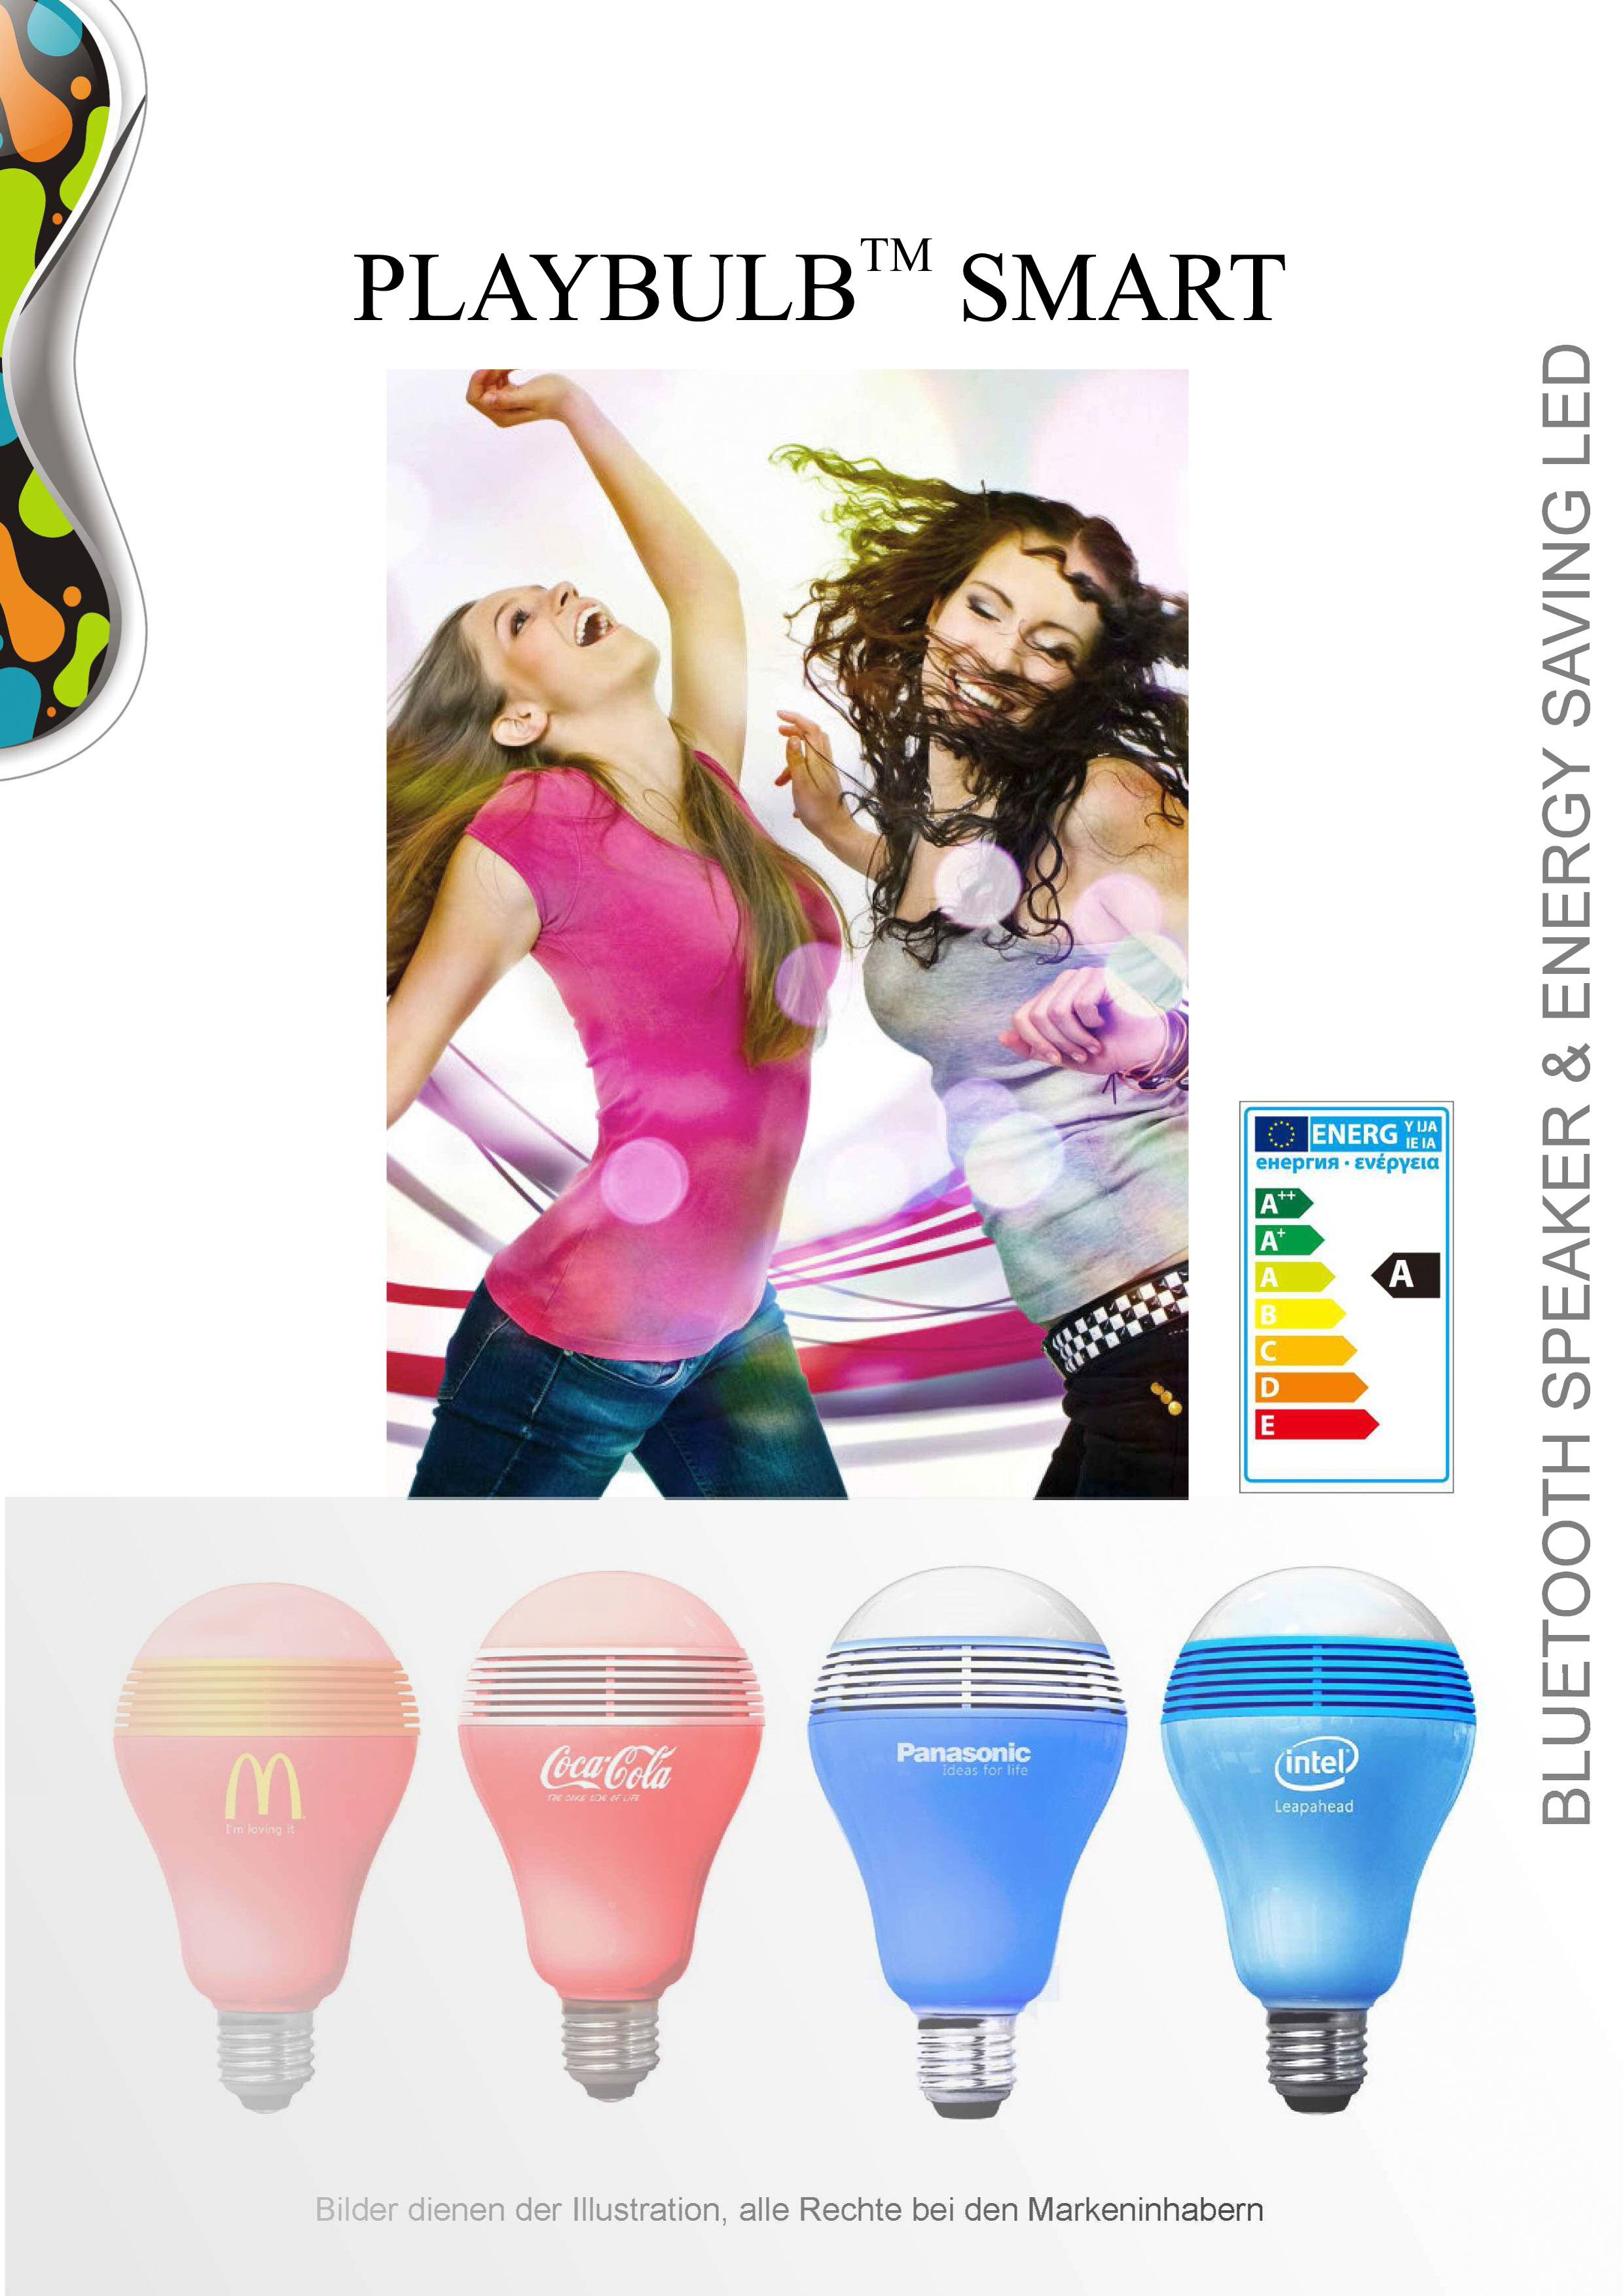 Licht, LED, LED-Lampe, Glühbirne, LED-Birne, Lautsprecher, Minilautsprecher,